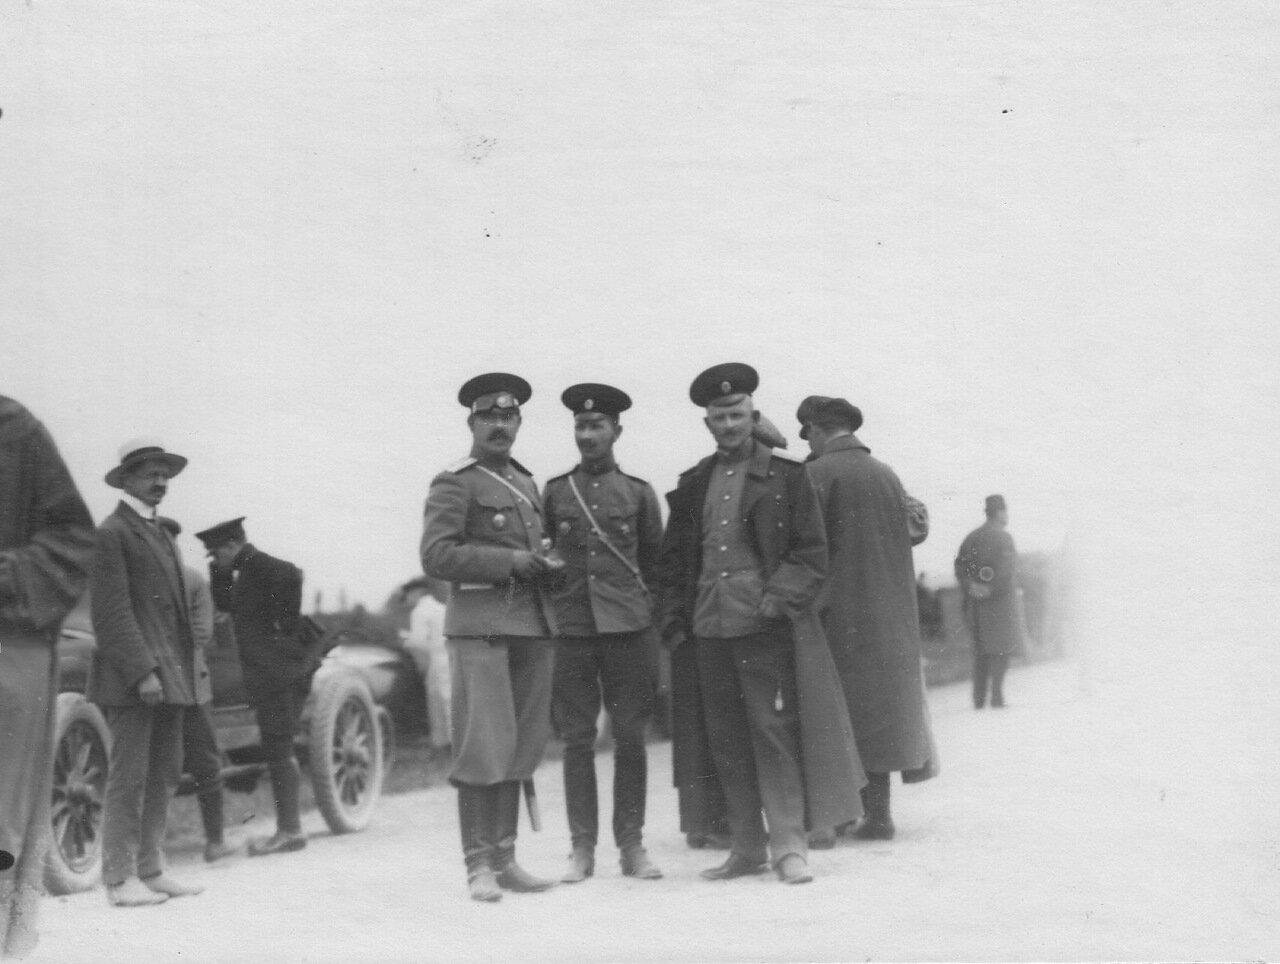 Группа офицеров у финиша